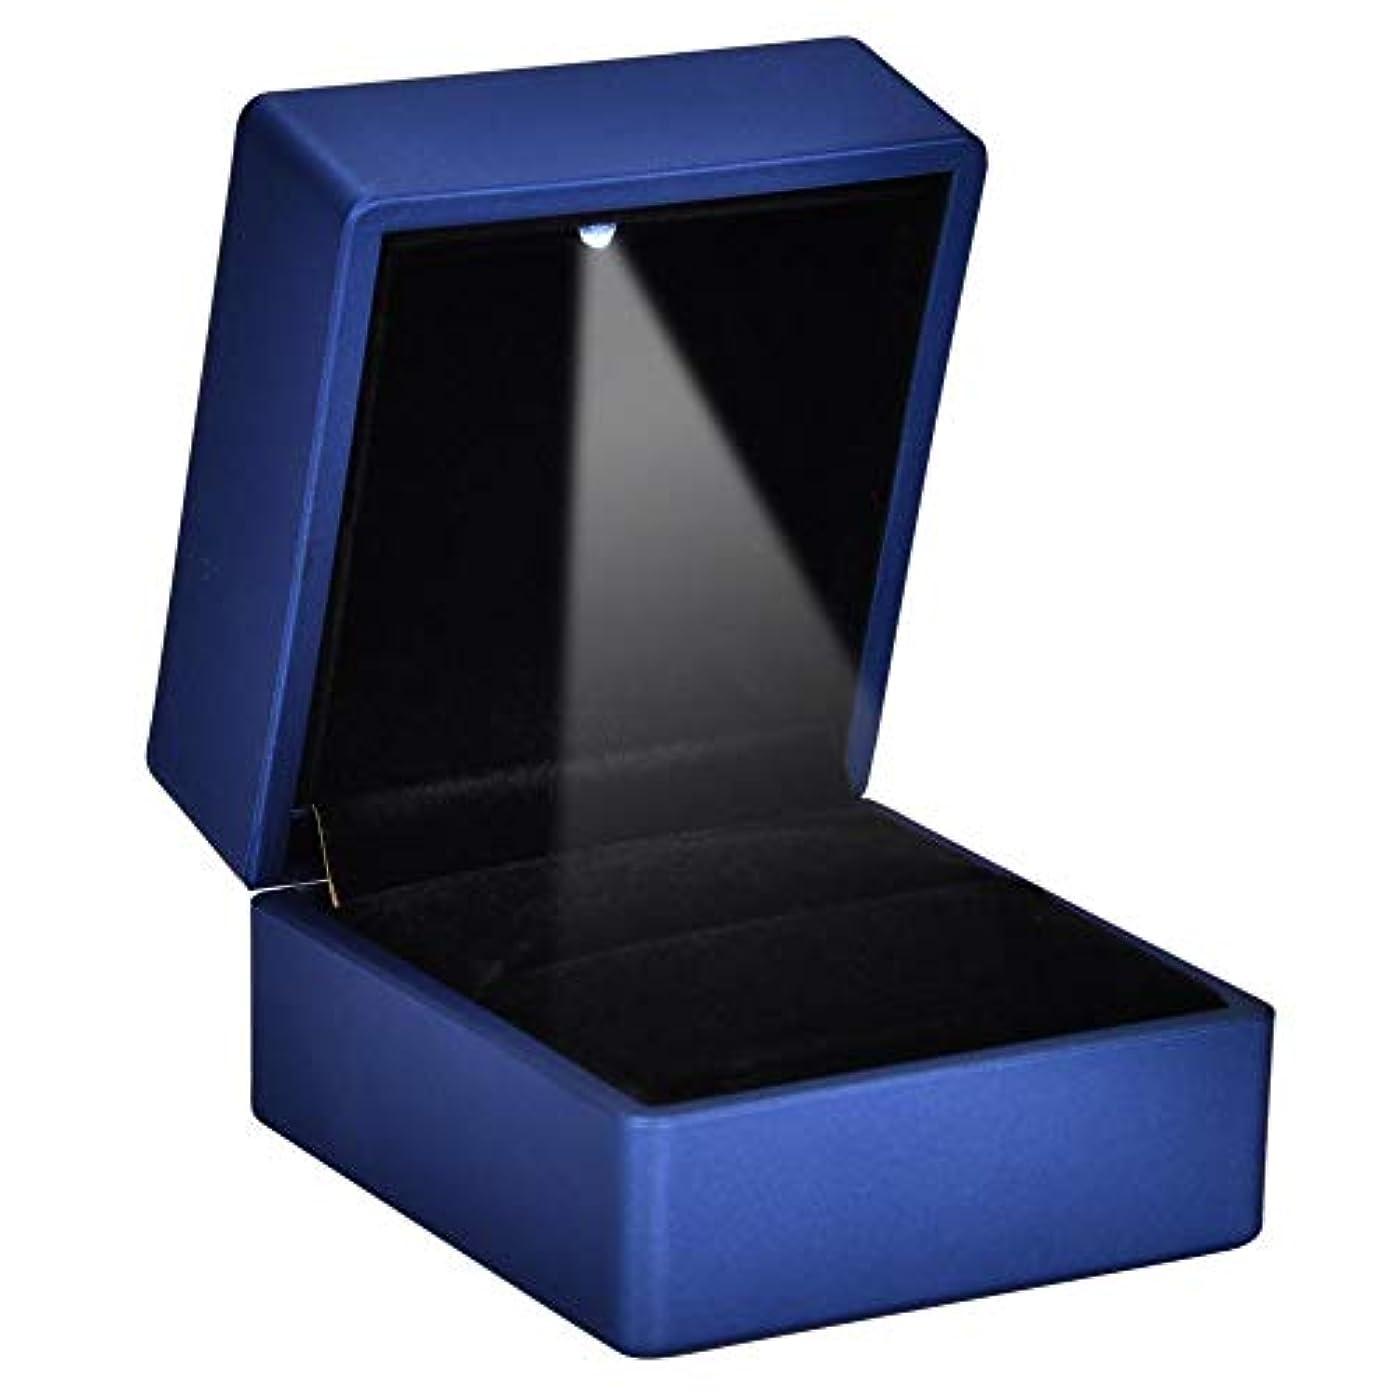 減るドレス若い2種類ファッショナブルなLEDリングボックス - 内部LED照明付きリングケース、ジュエリーホルダーリング収納ケース、結婚式の提案(ブルー-90 * 70 * 35)